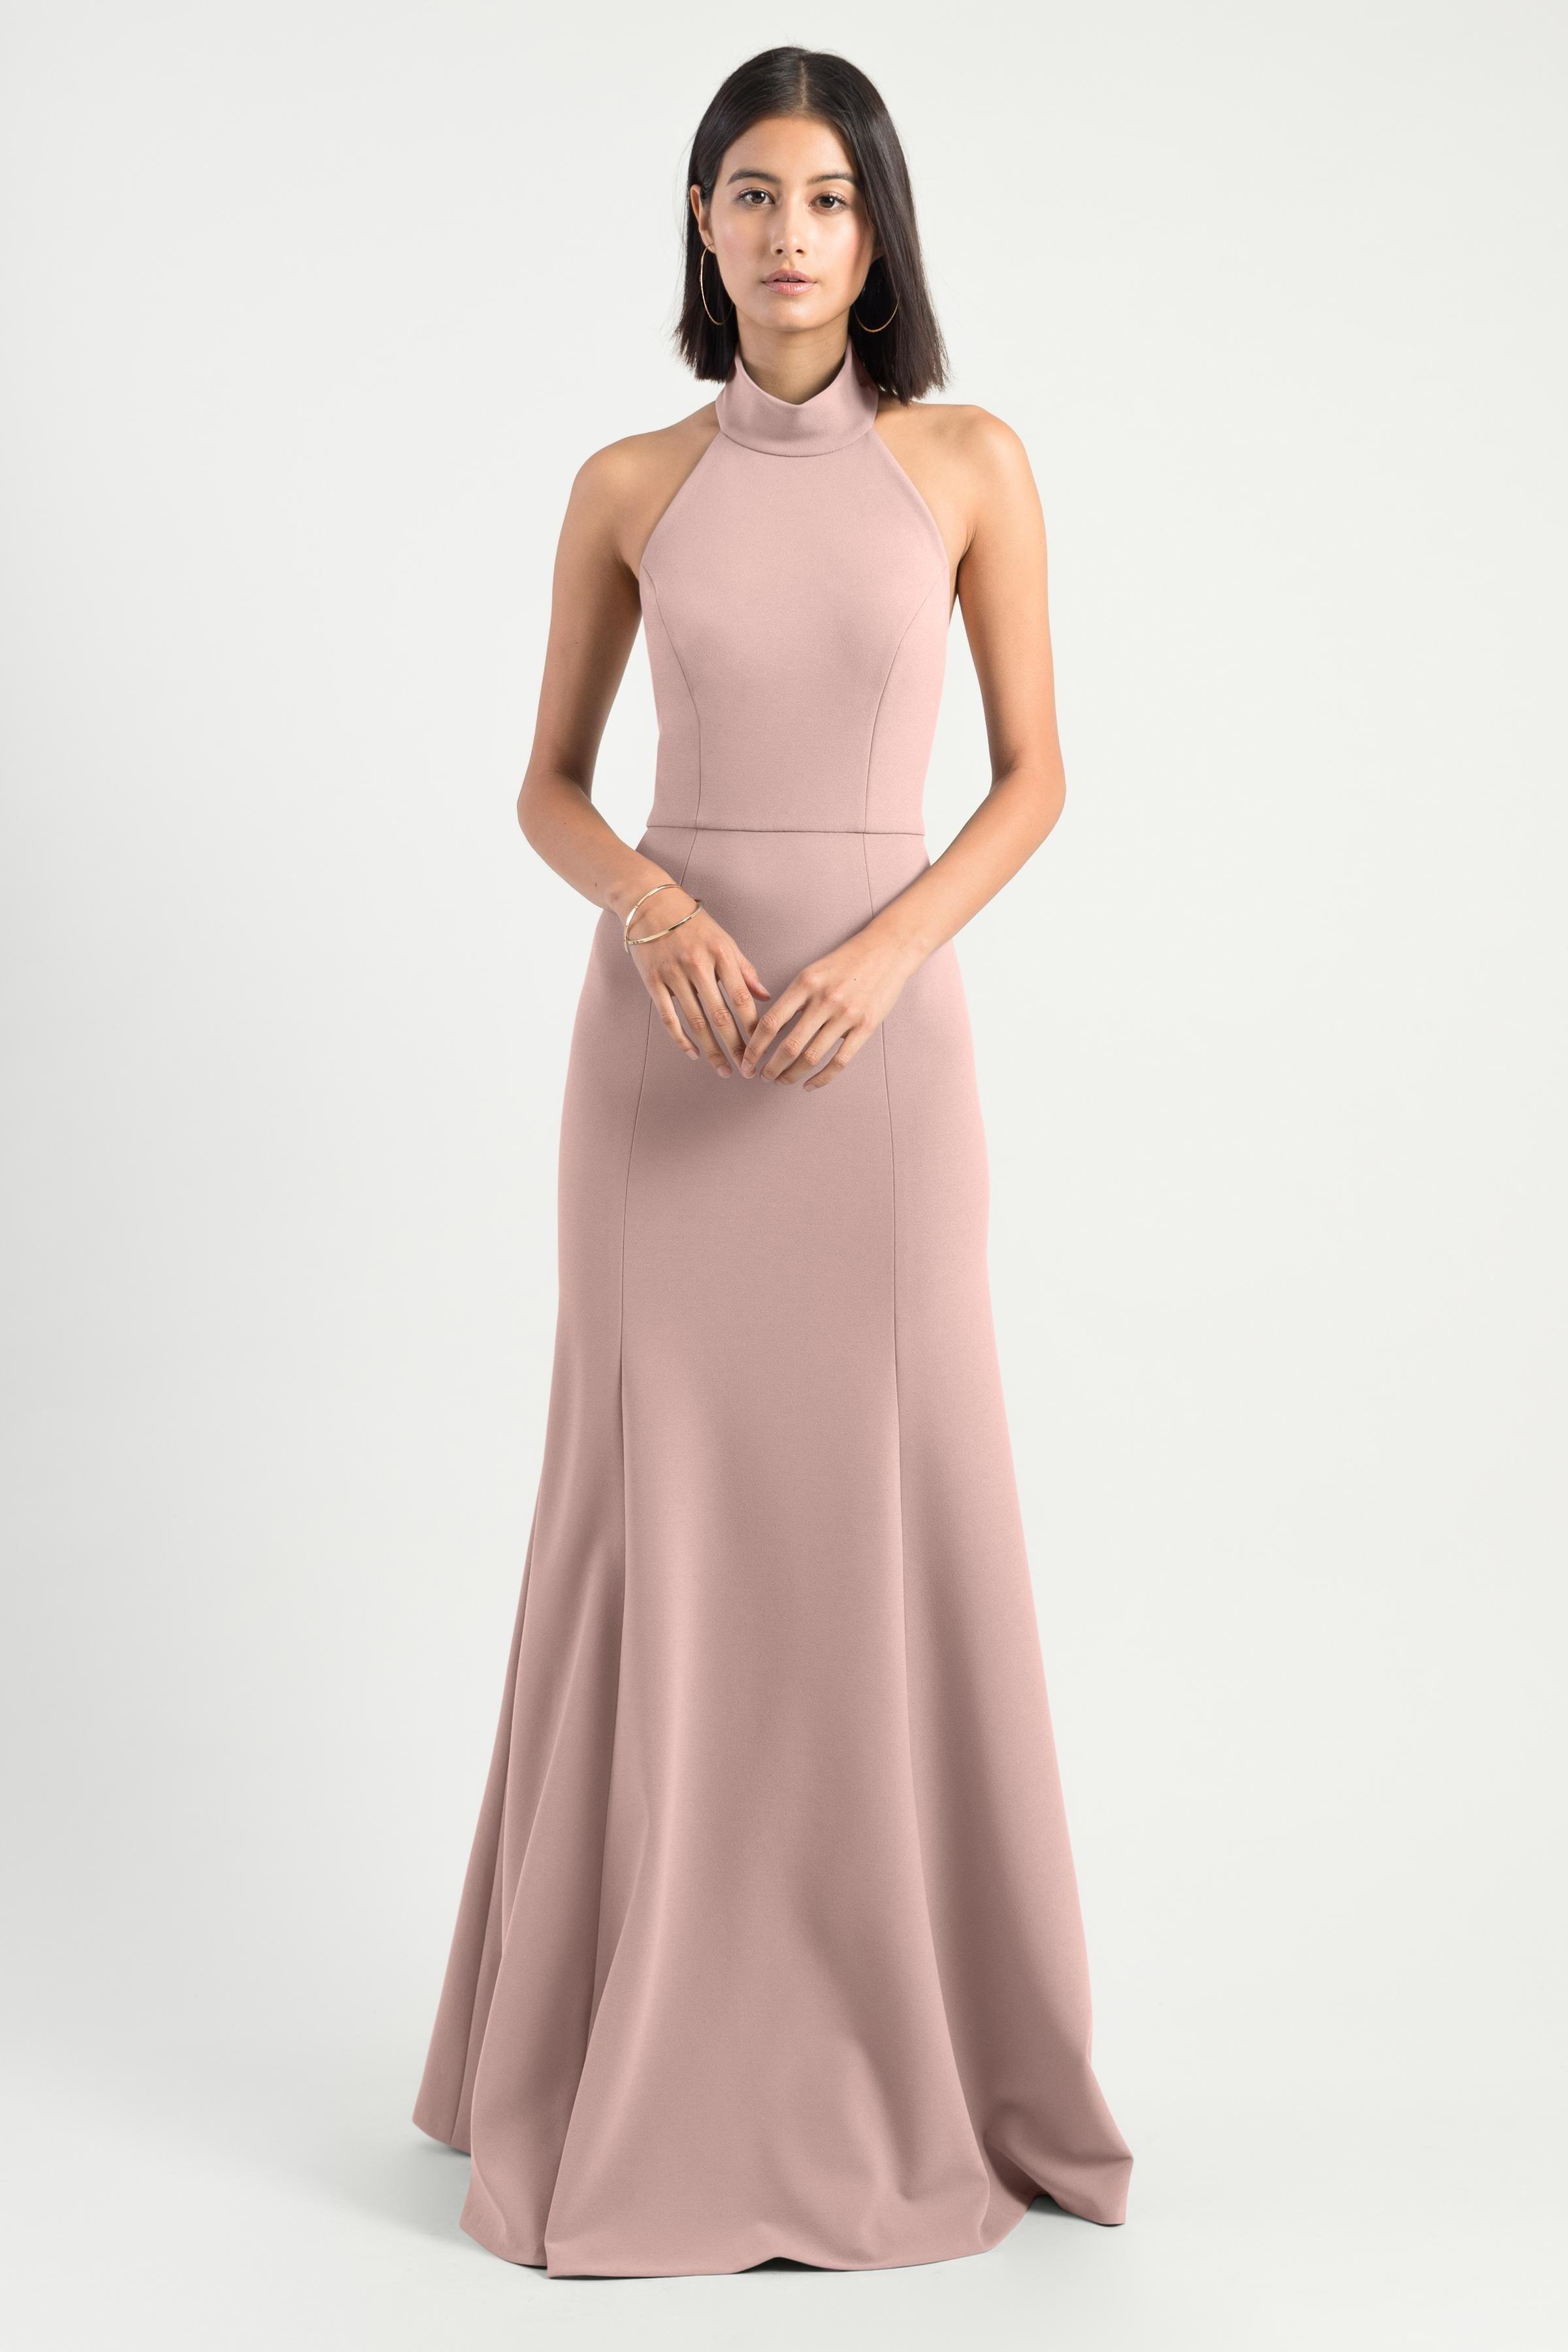 Petra Bridesmaids Dress by Jenny Yoo - Whipped Apricot